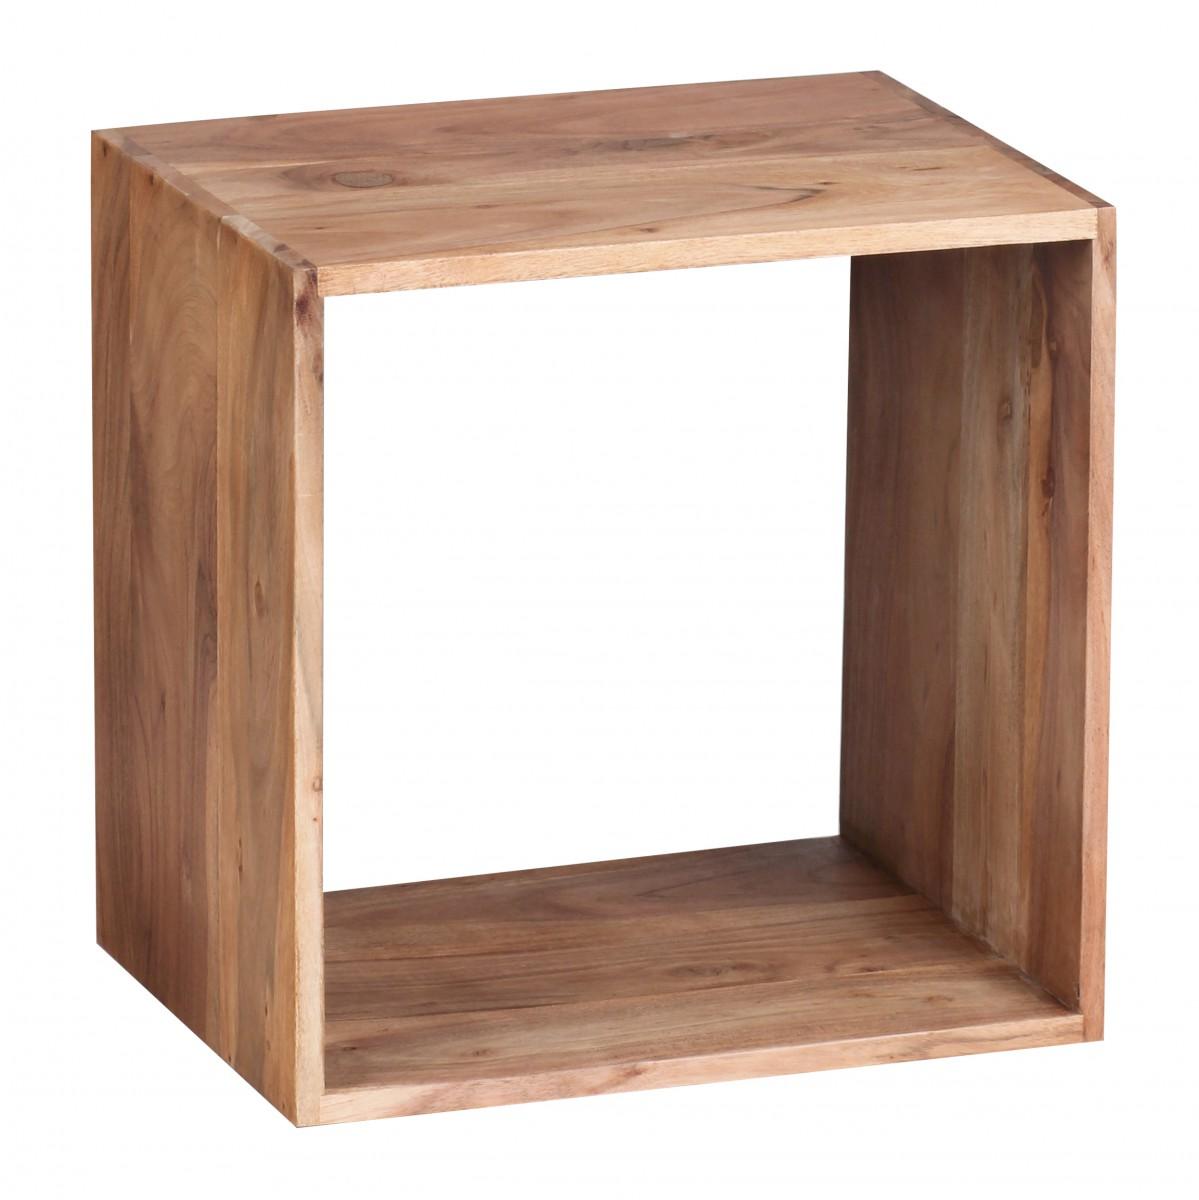 Odkládací stolek / regál Mumbai cube, 43,5 cm, masiv akát